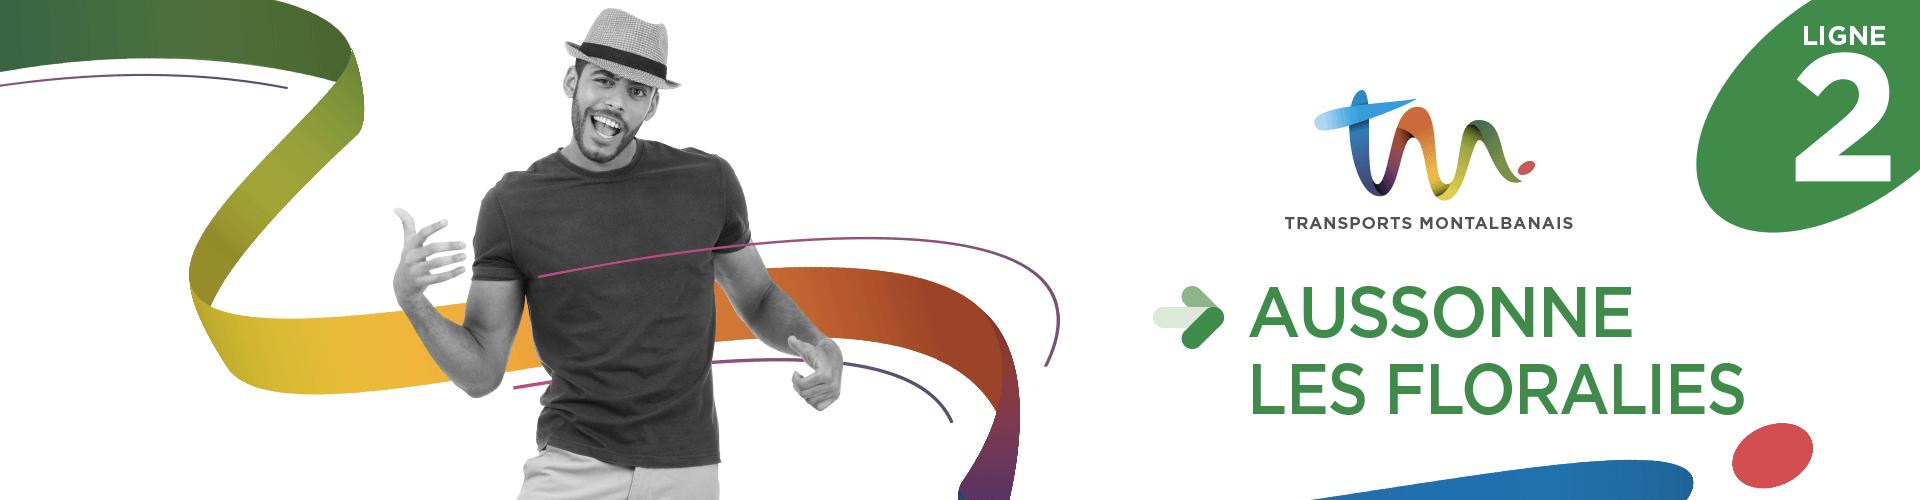 Ligne_2